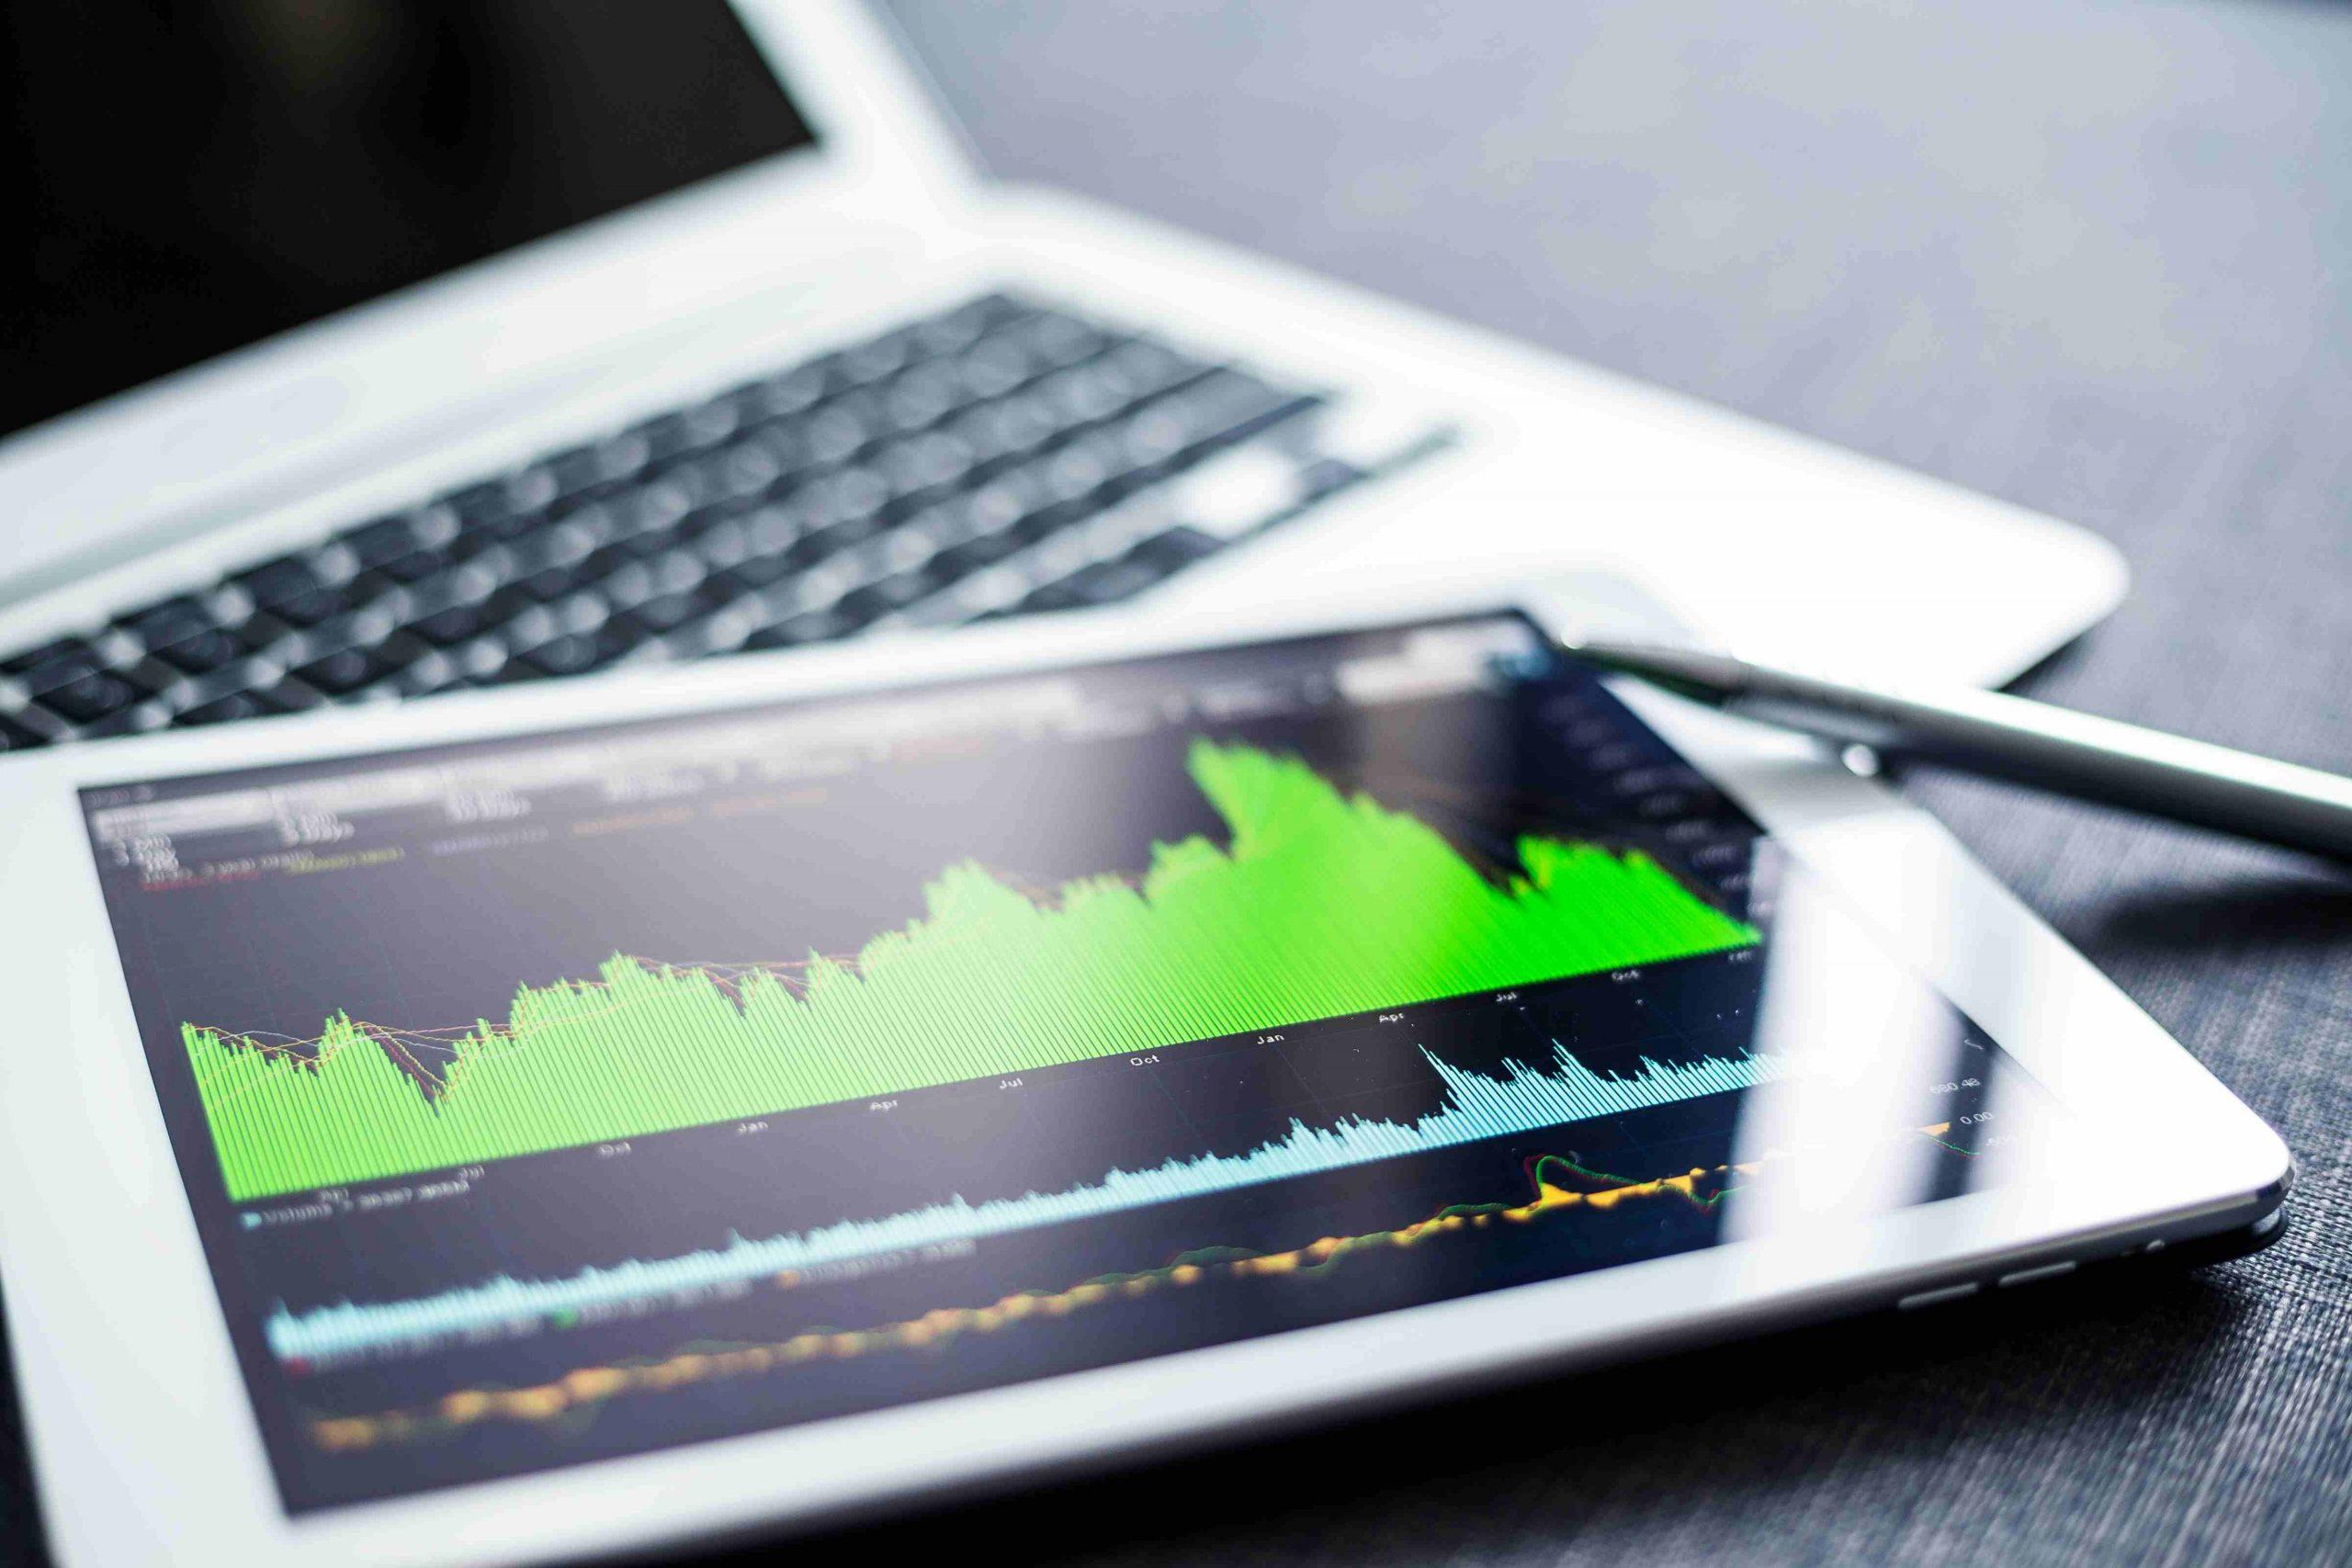 Emprendimiento y transformación digital - PosdataMx